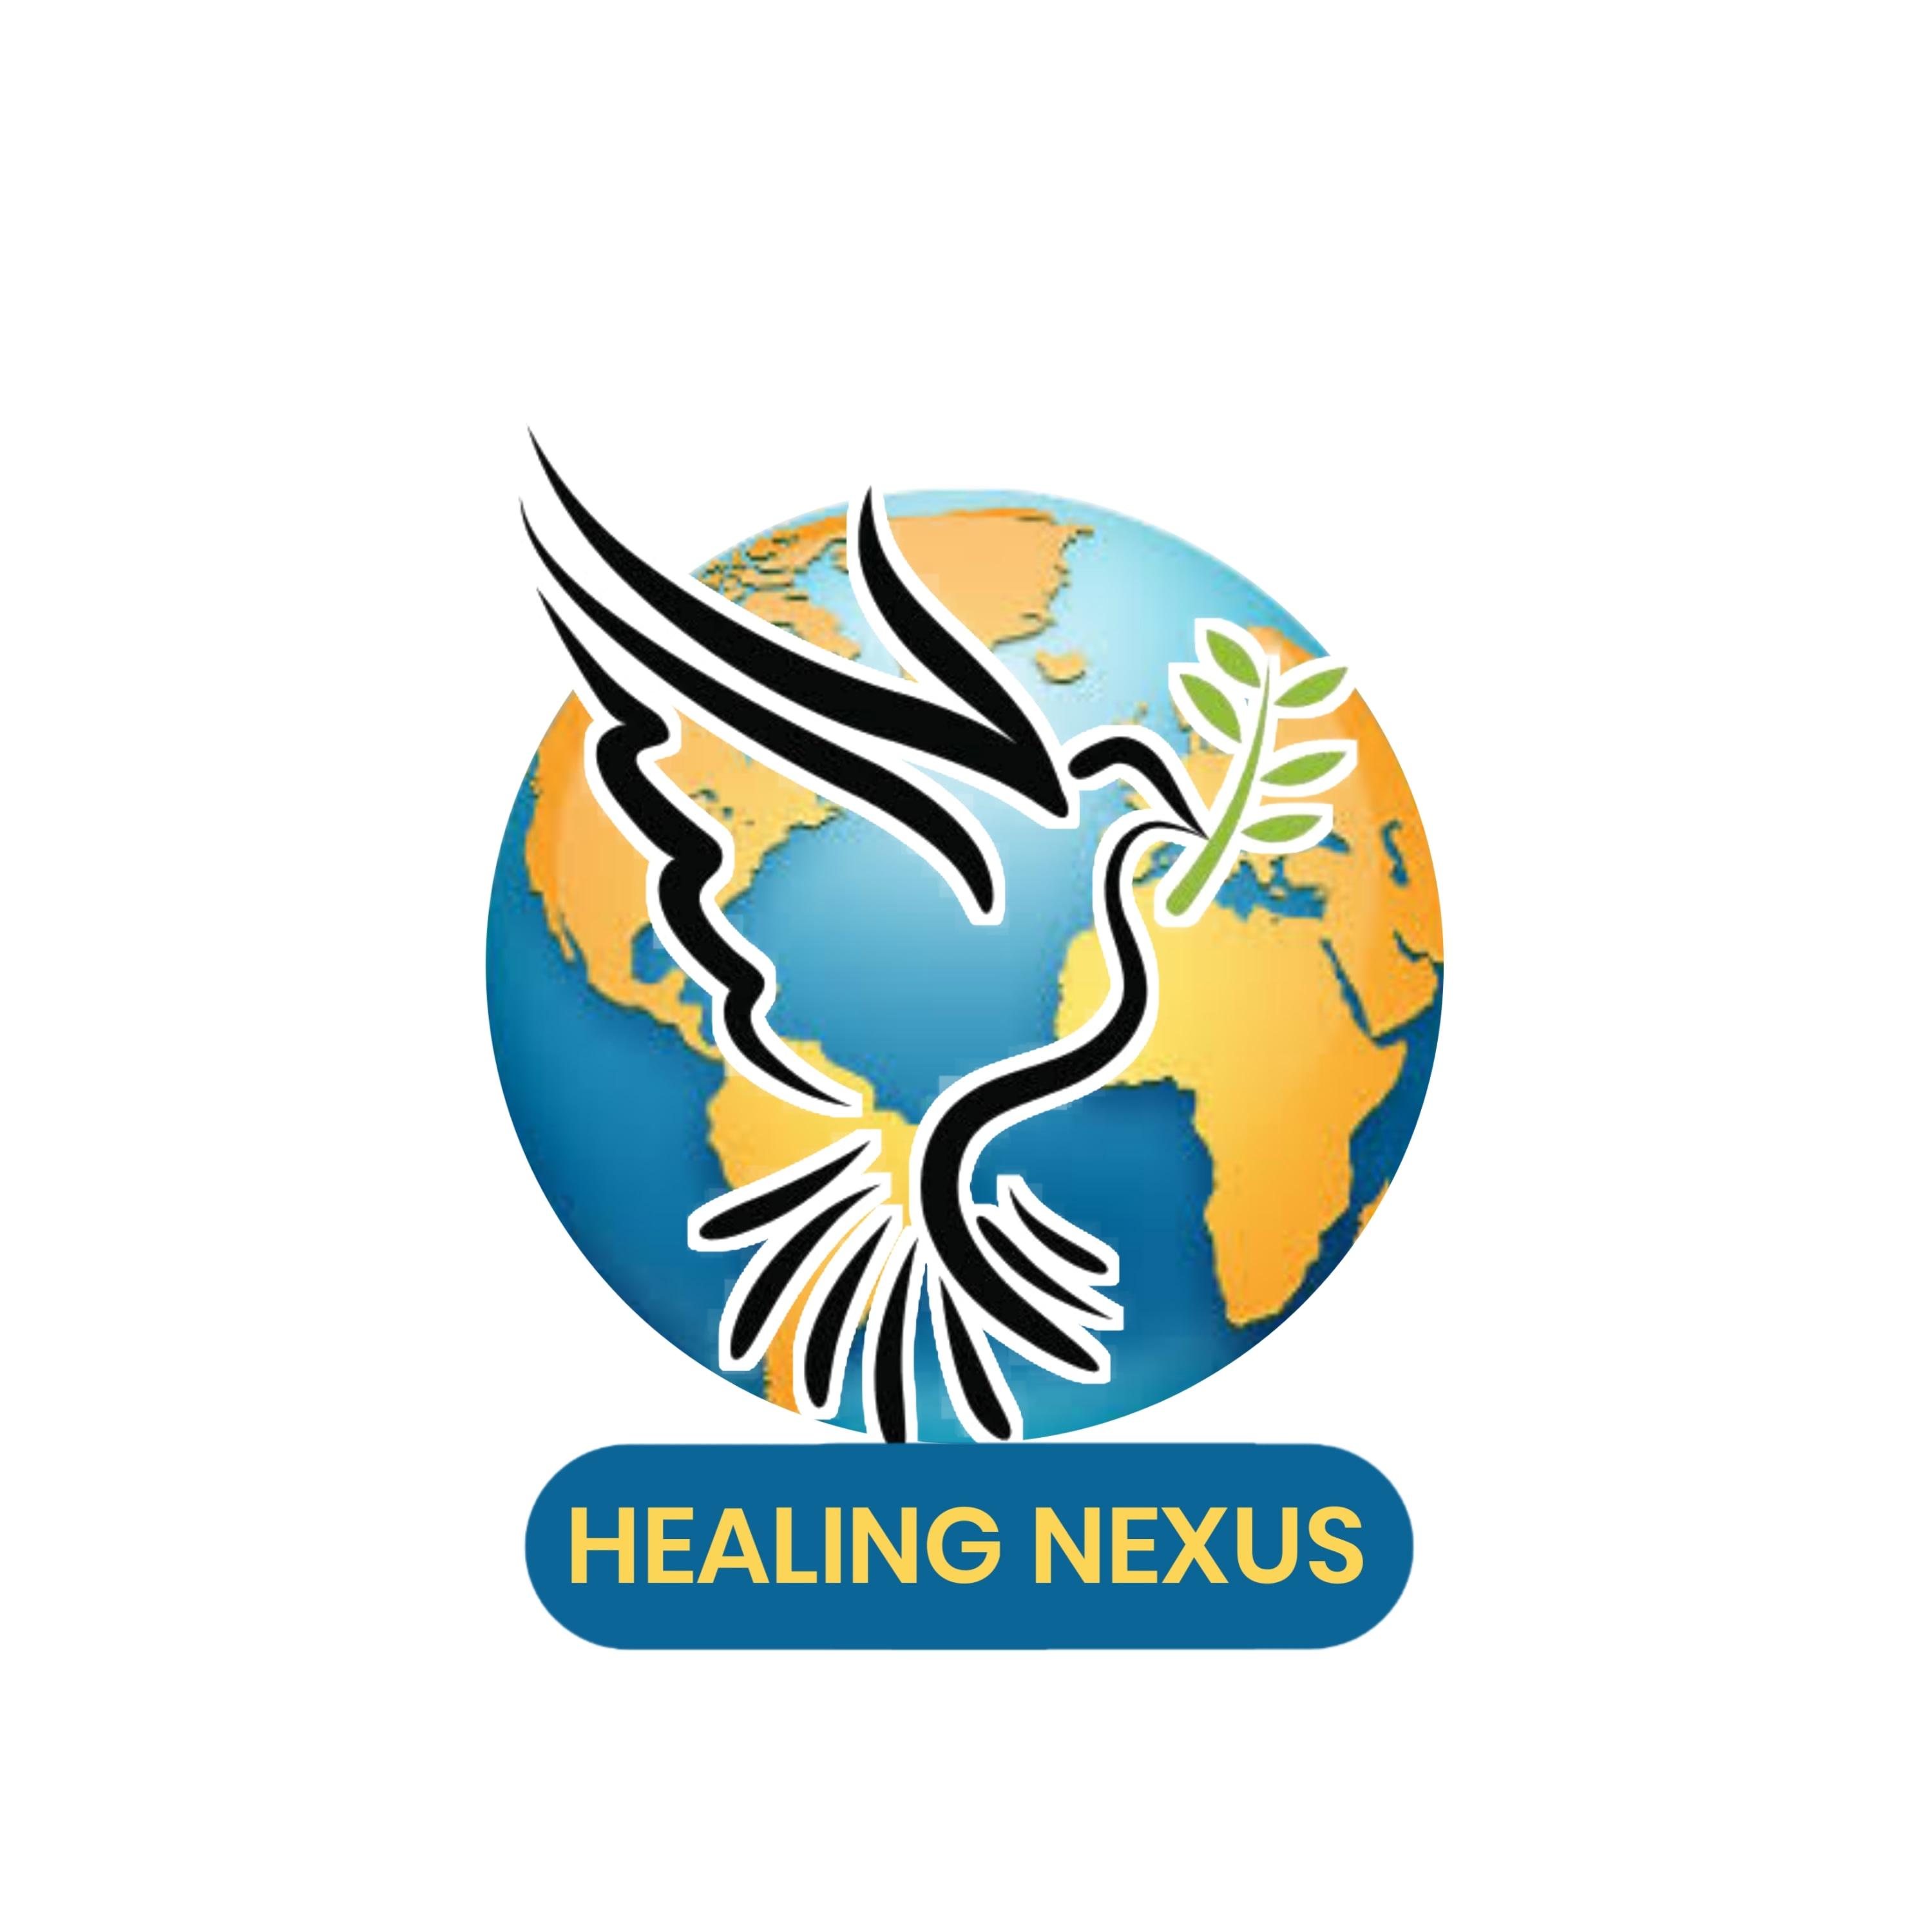 Healing Nexus